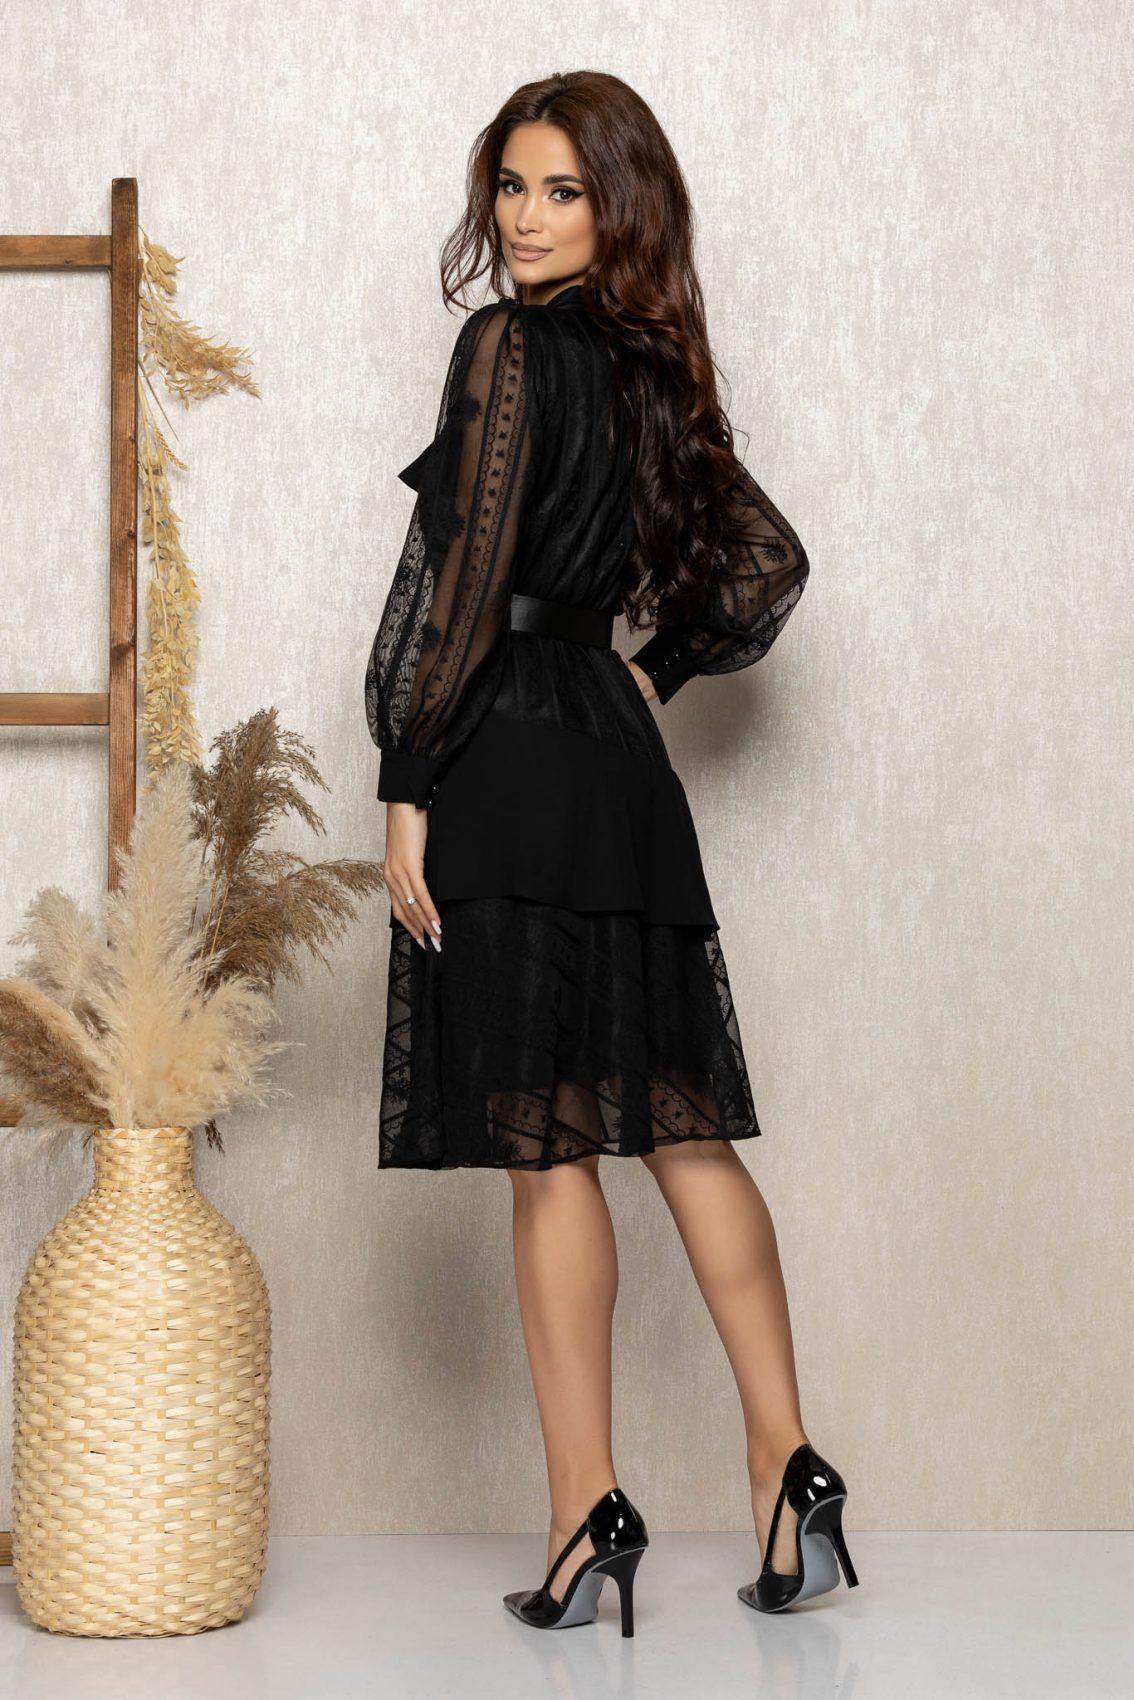 Μαύρο Βραδινό Φόρεμα Με Δαντέλα Zendaya T302 2